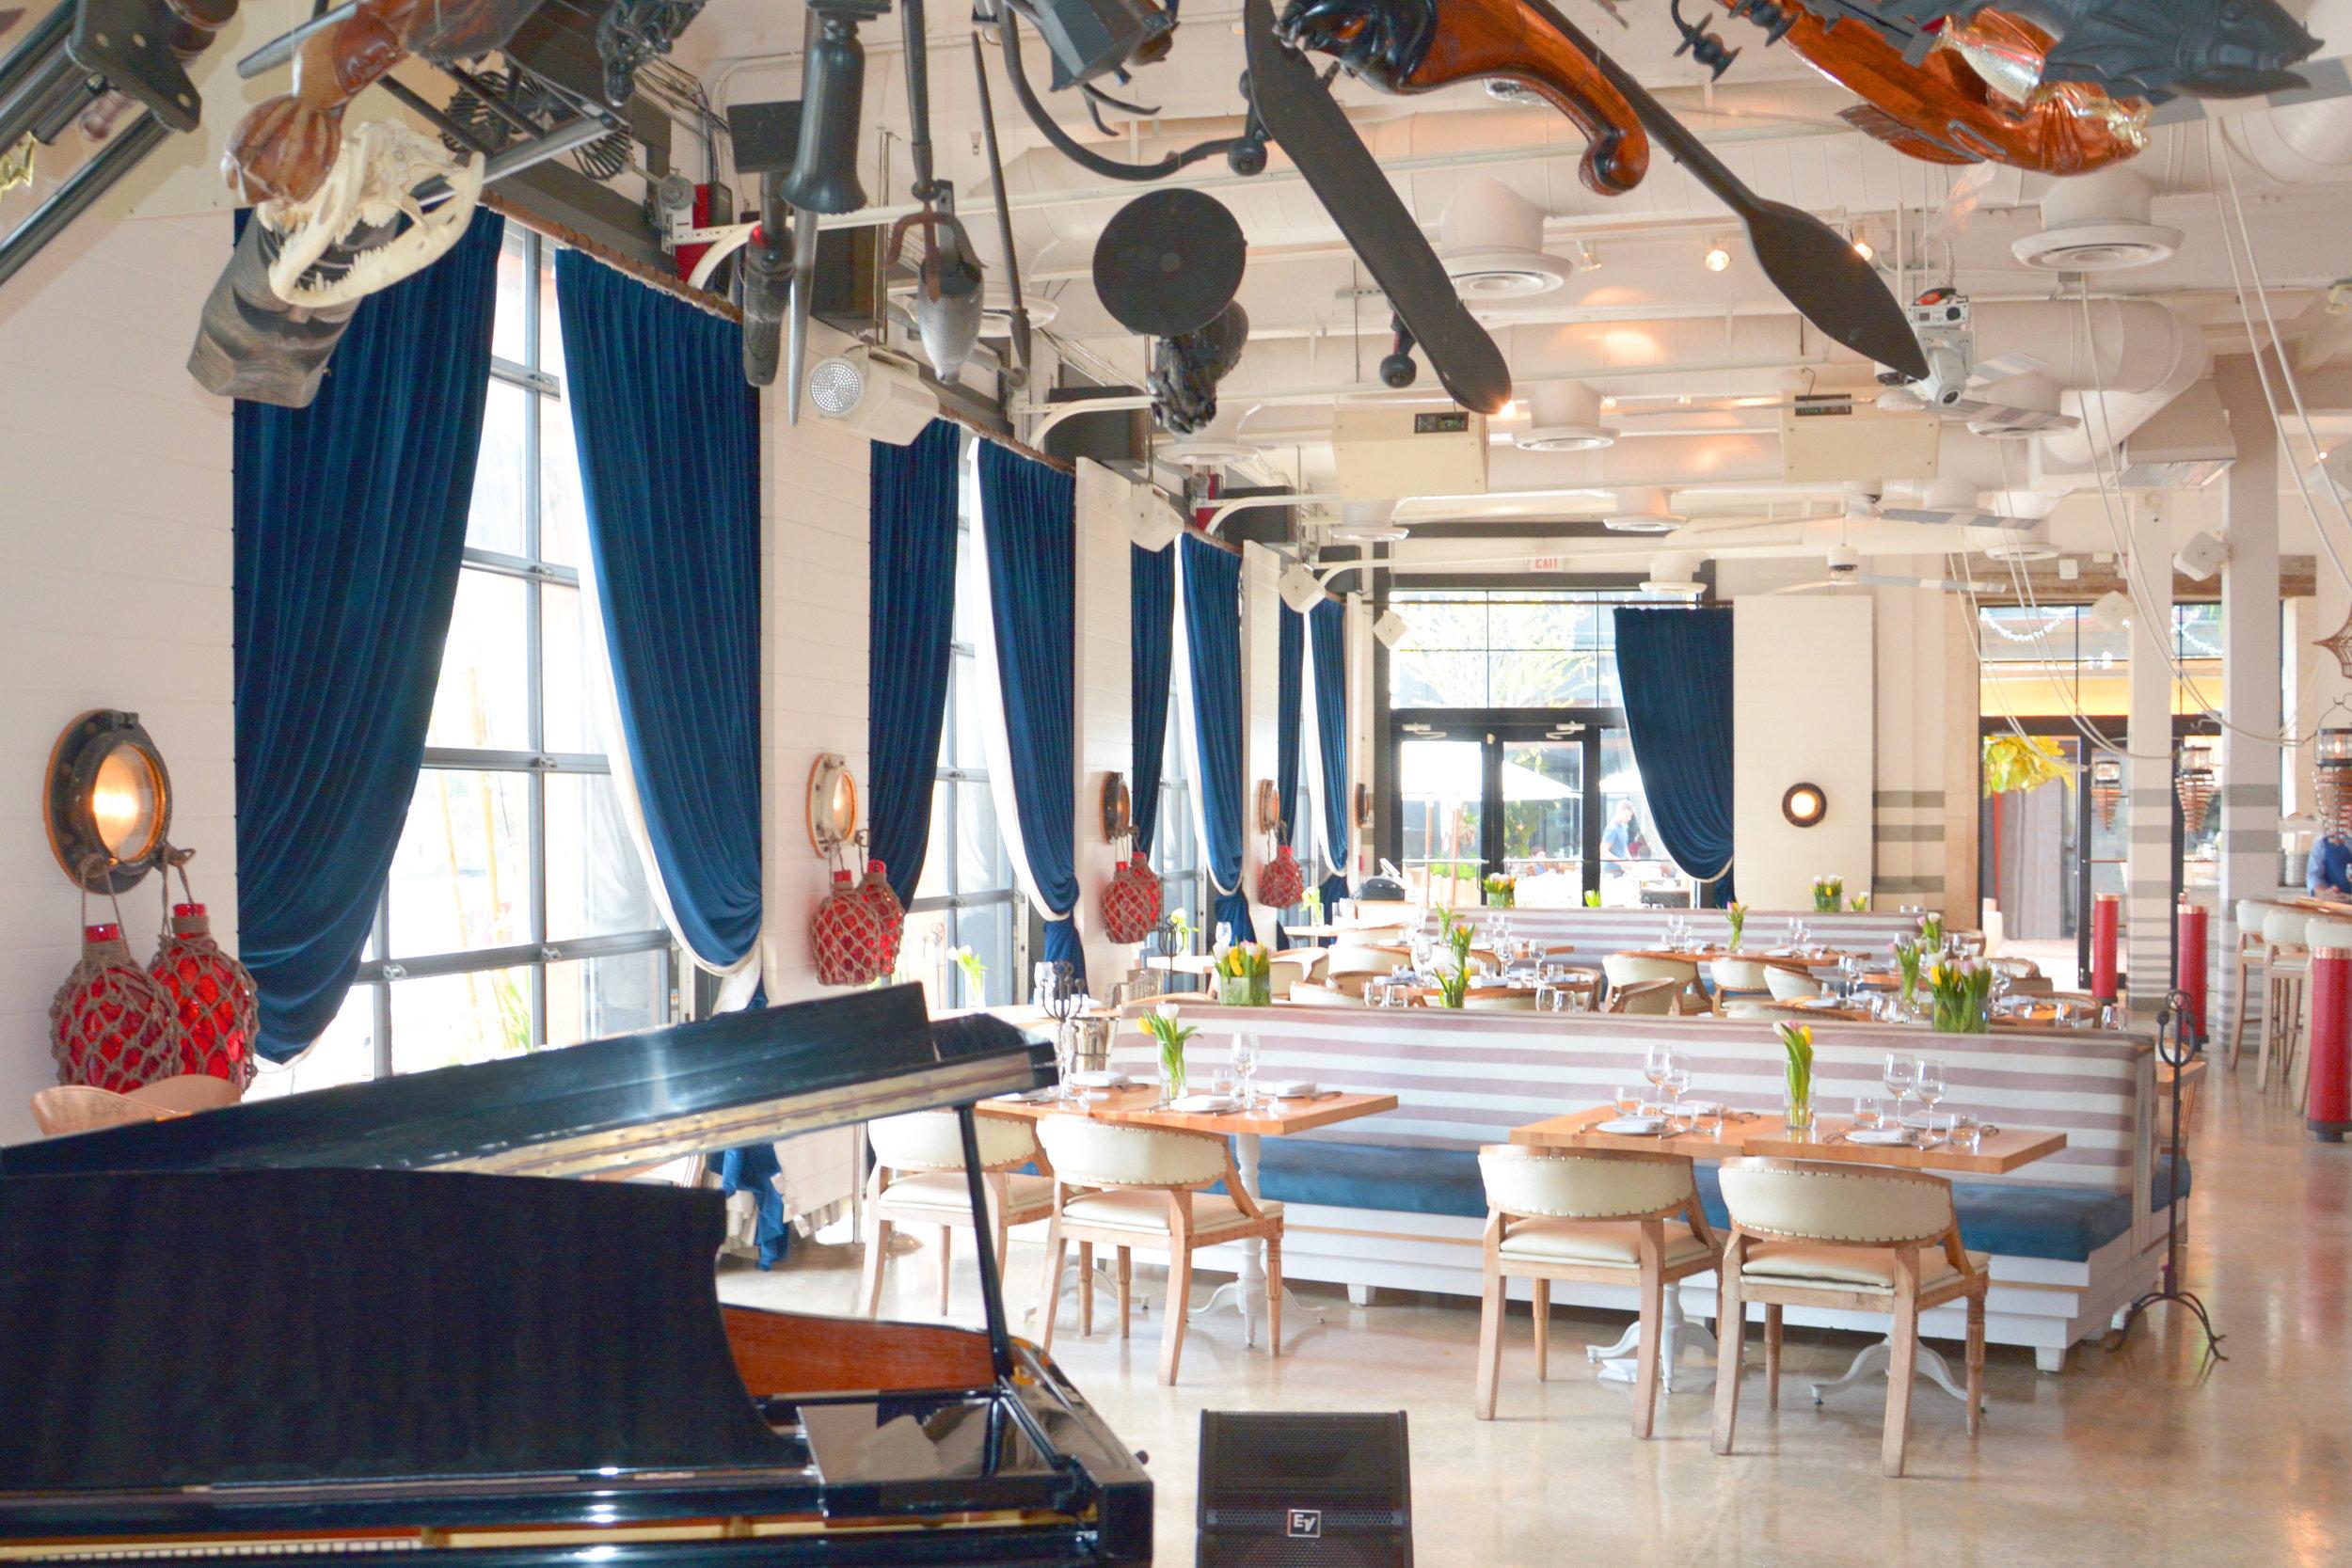 Dining room_5243.JPG